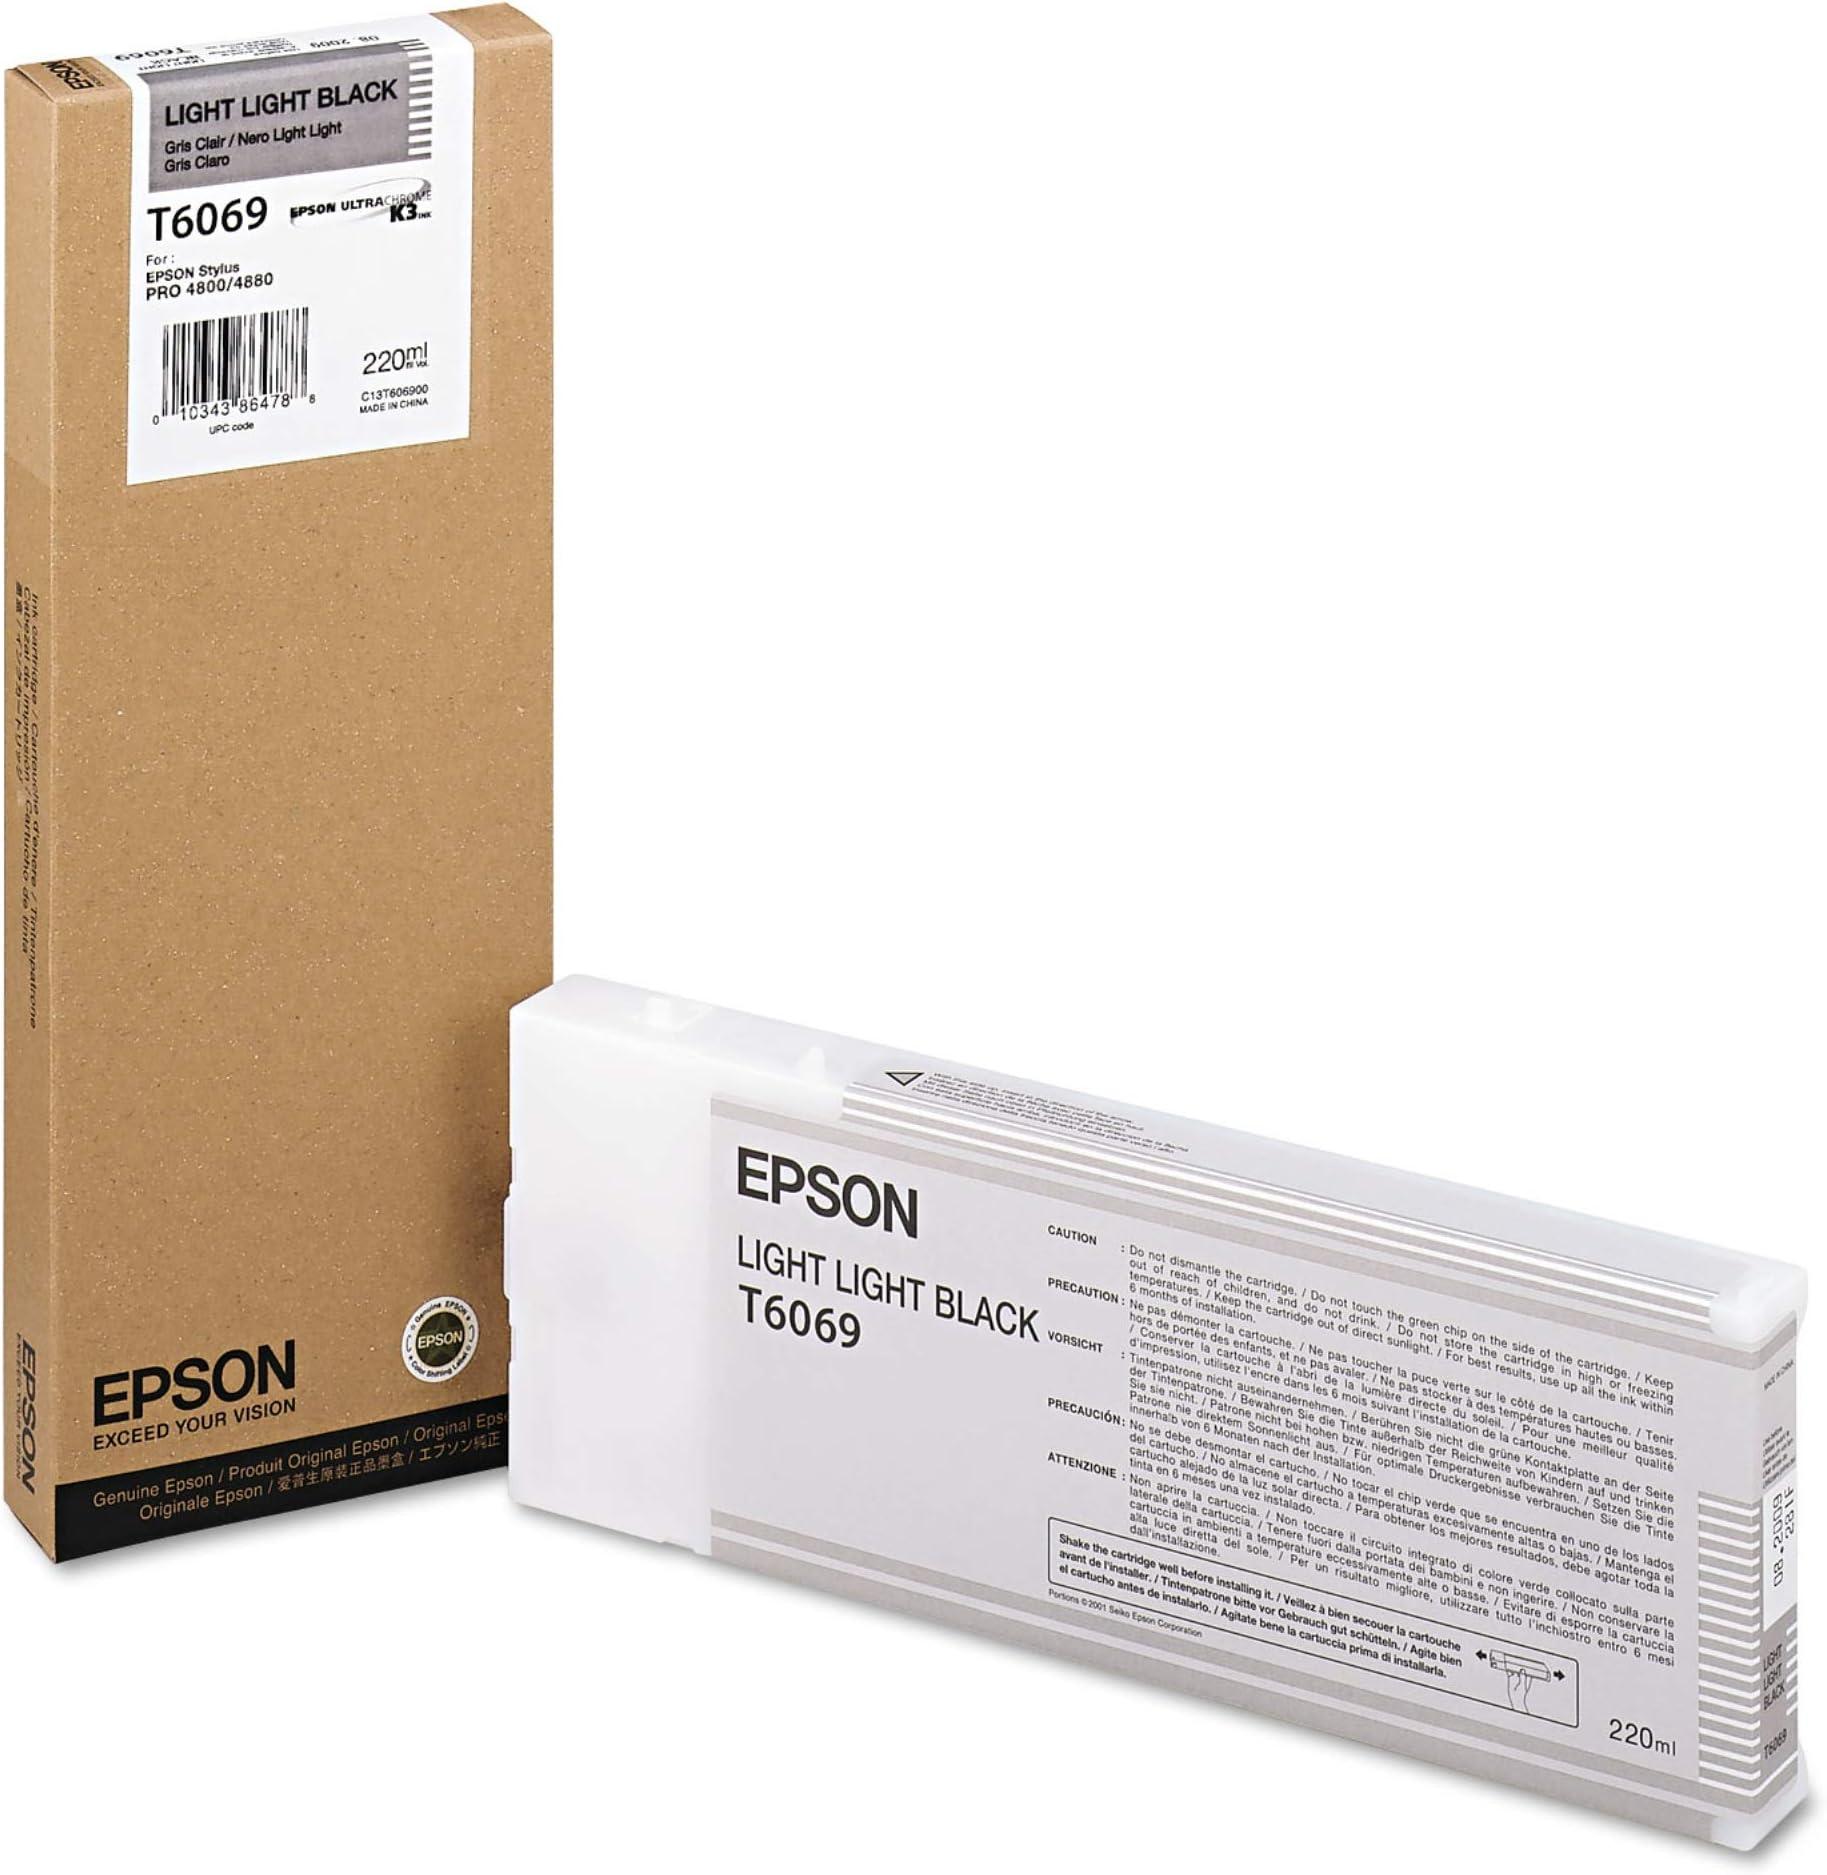 Epson UltraChrome K3 Ink Cartridge - 220ml Light Light Black (T606900)